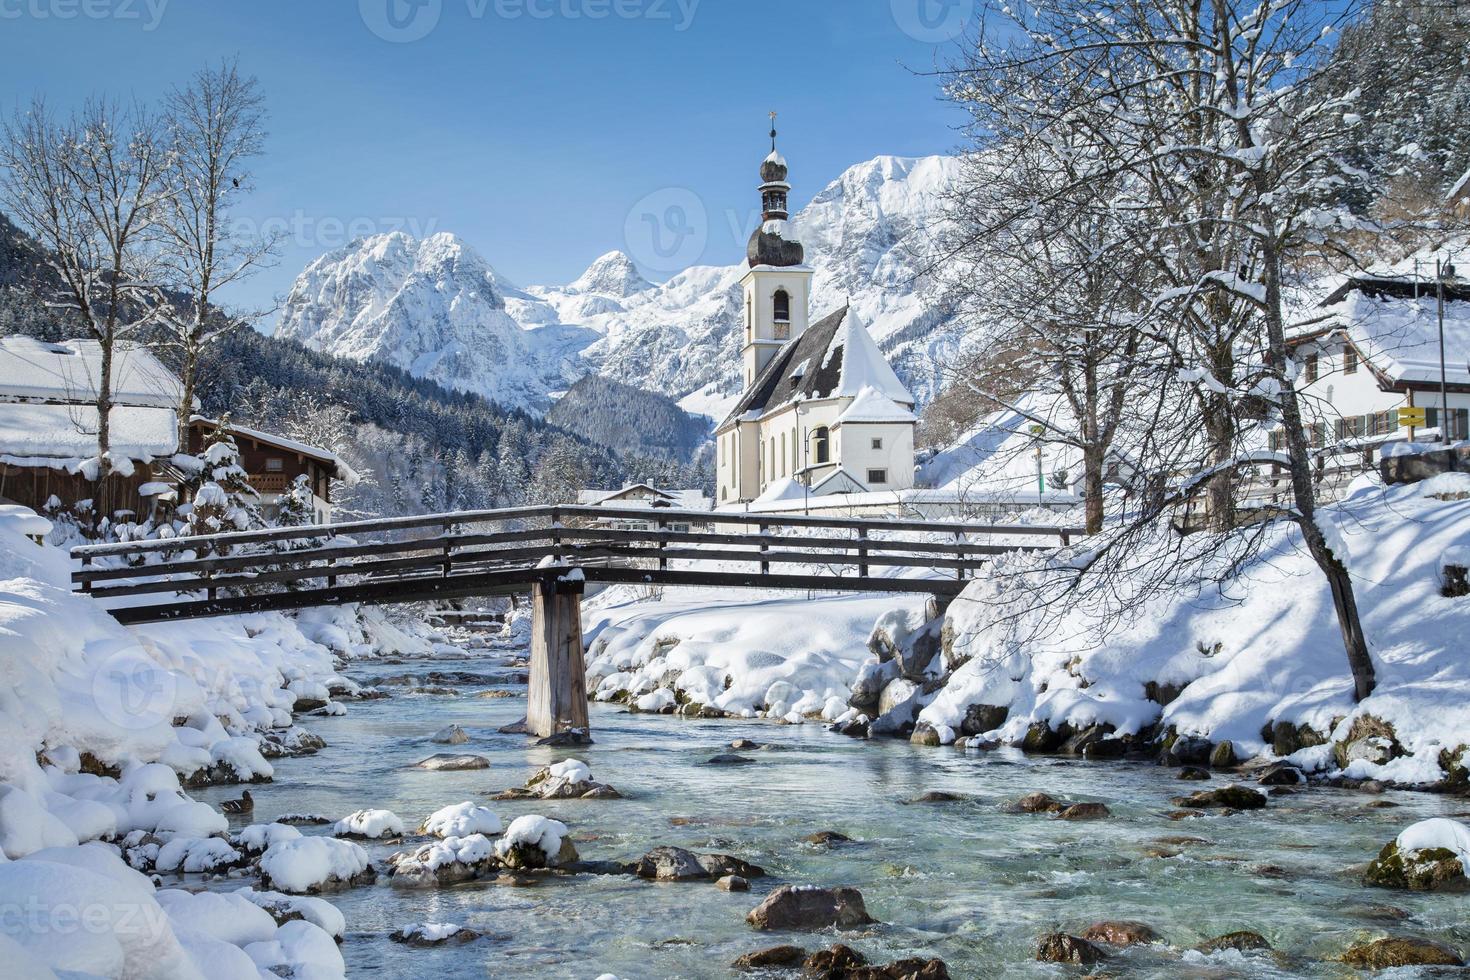 ramsau no inverno, berchtesgadener land, bavaria, alemanha foto